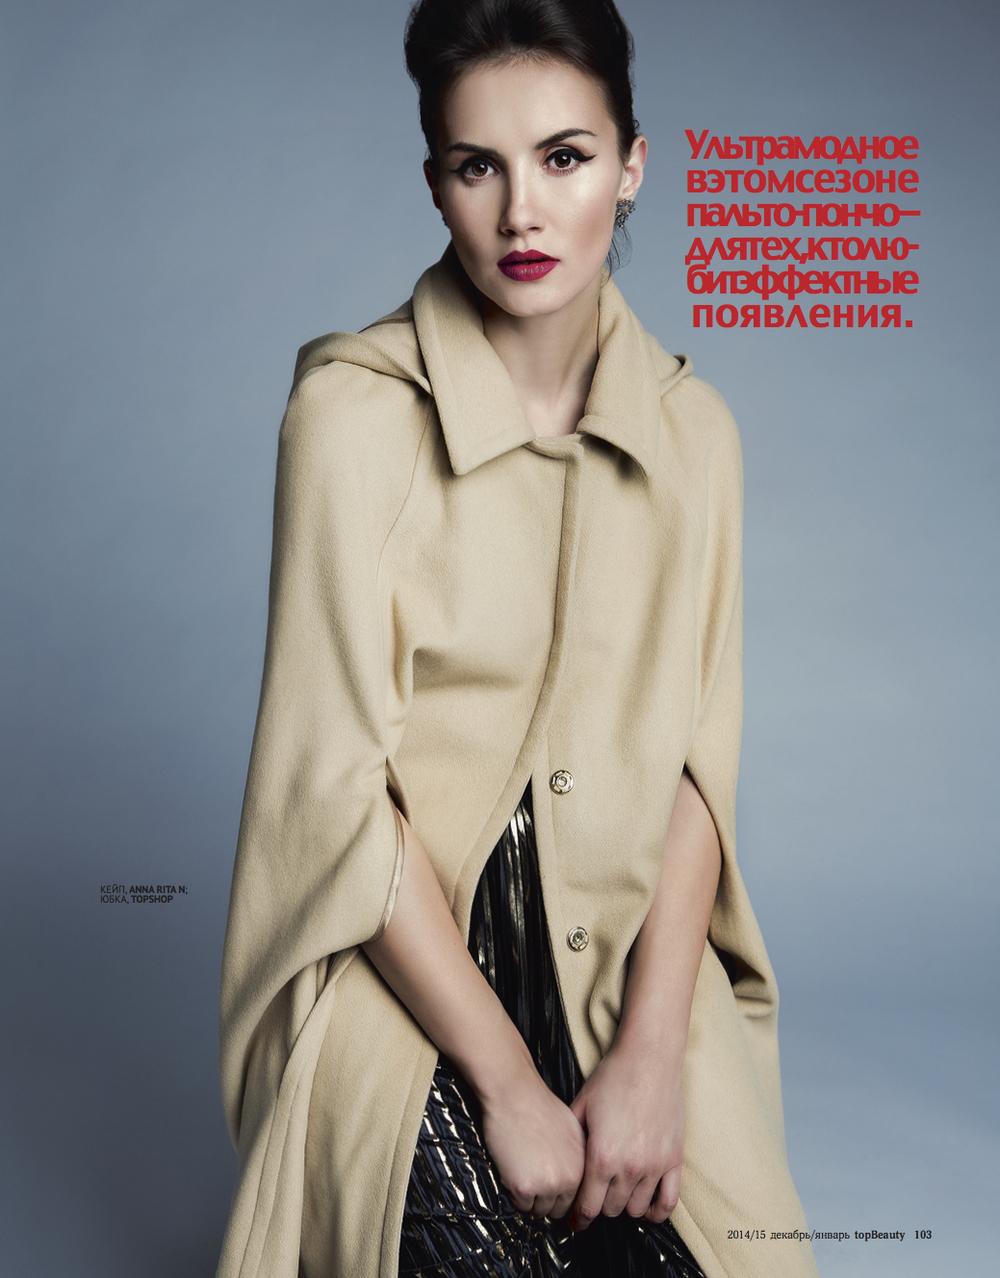 096-105_TopB_12.14_Fashion_Y_k1s L4.jpg